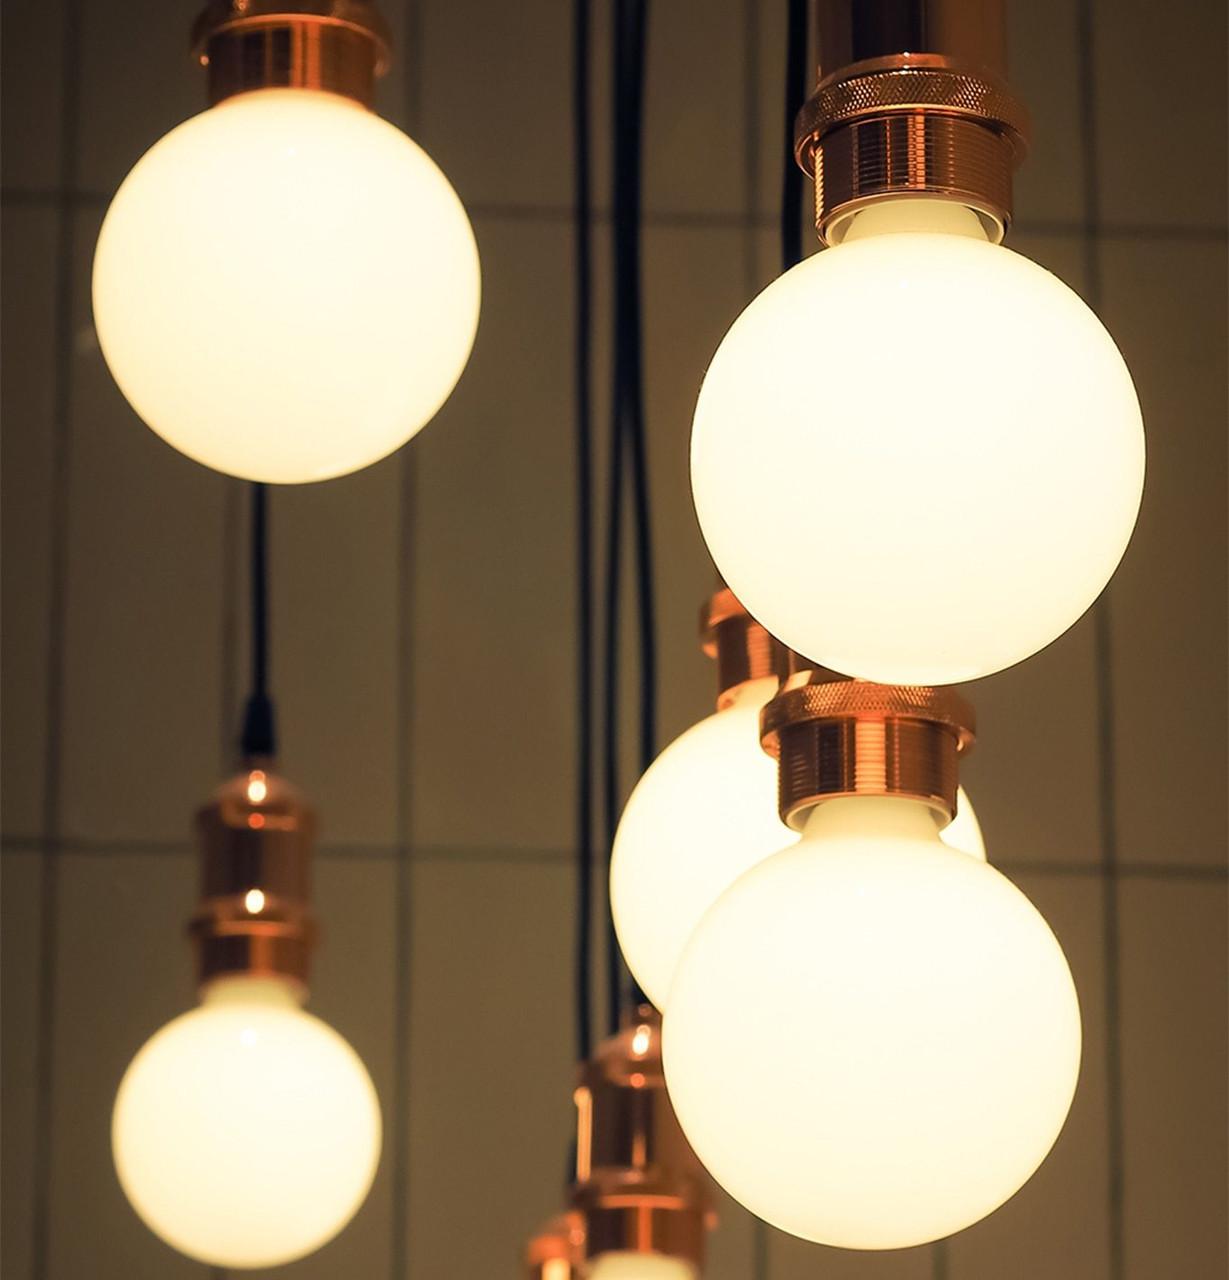 LED G95 Screw Light Bulbs